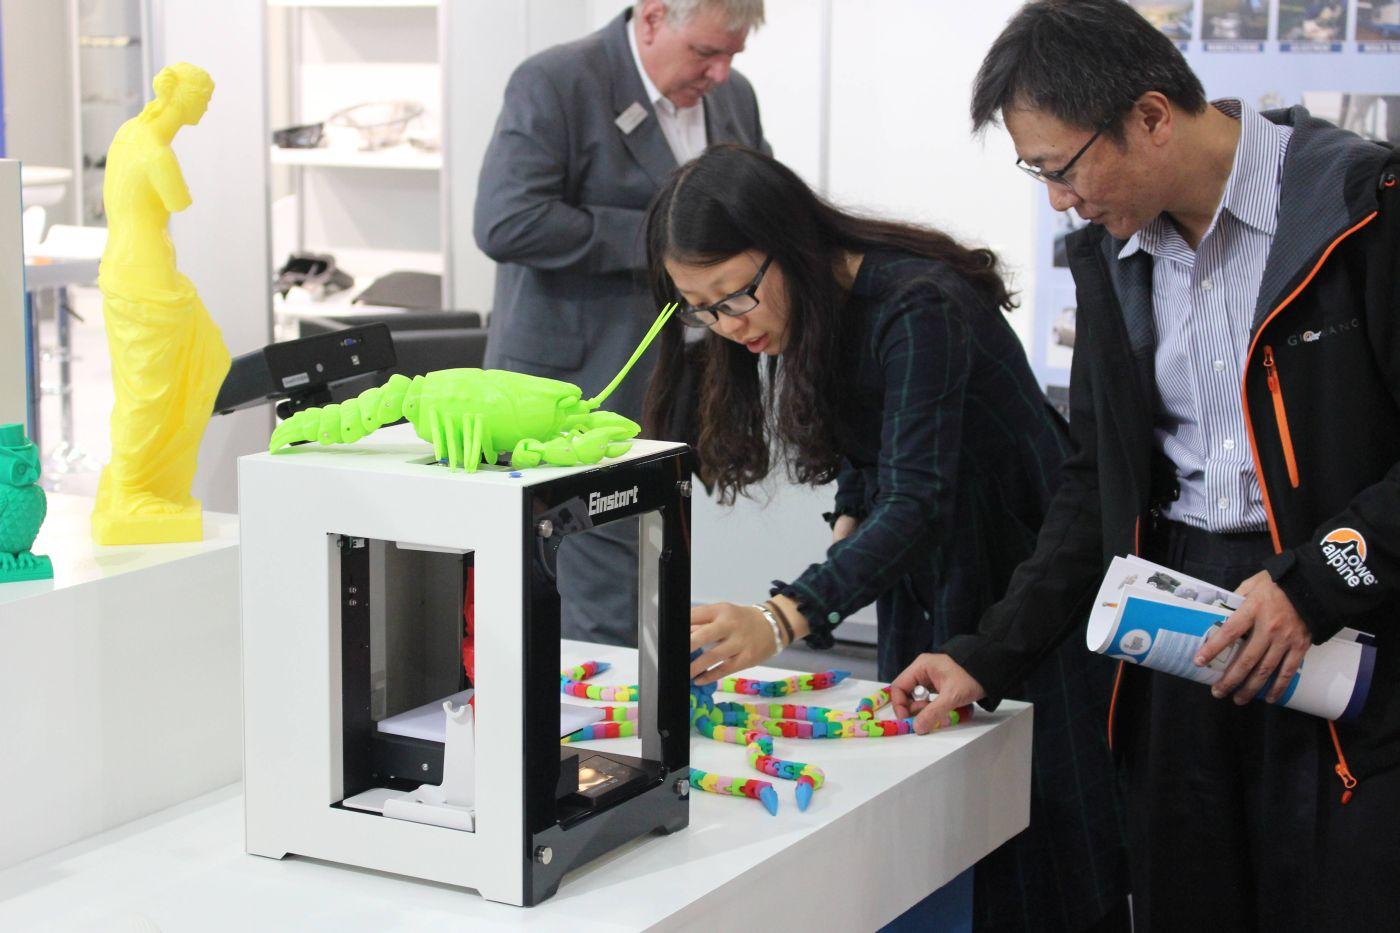 De extrusieprinters worden een massaprodict, vooral geproduceerd in Azië, voorspellen de analisten van IDTechEX.